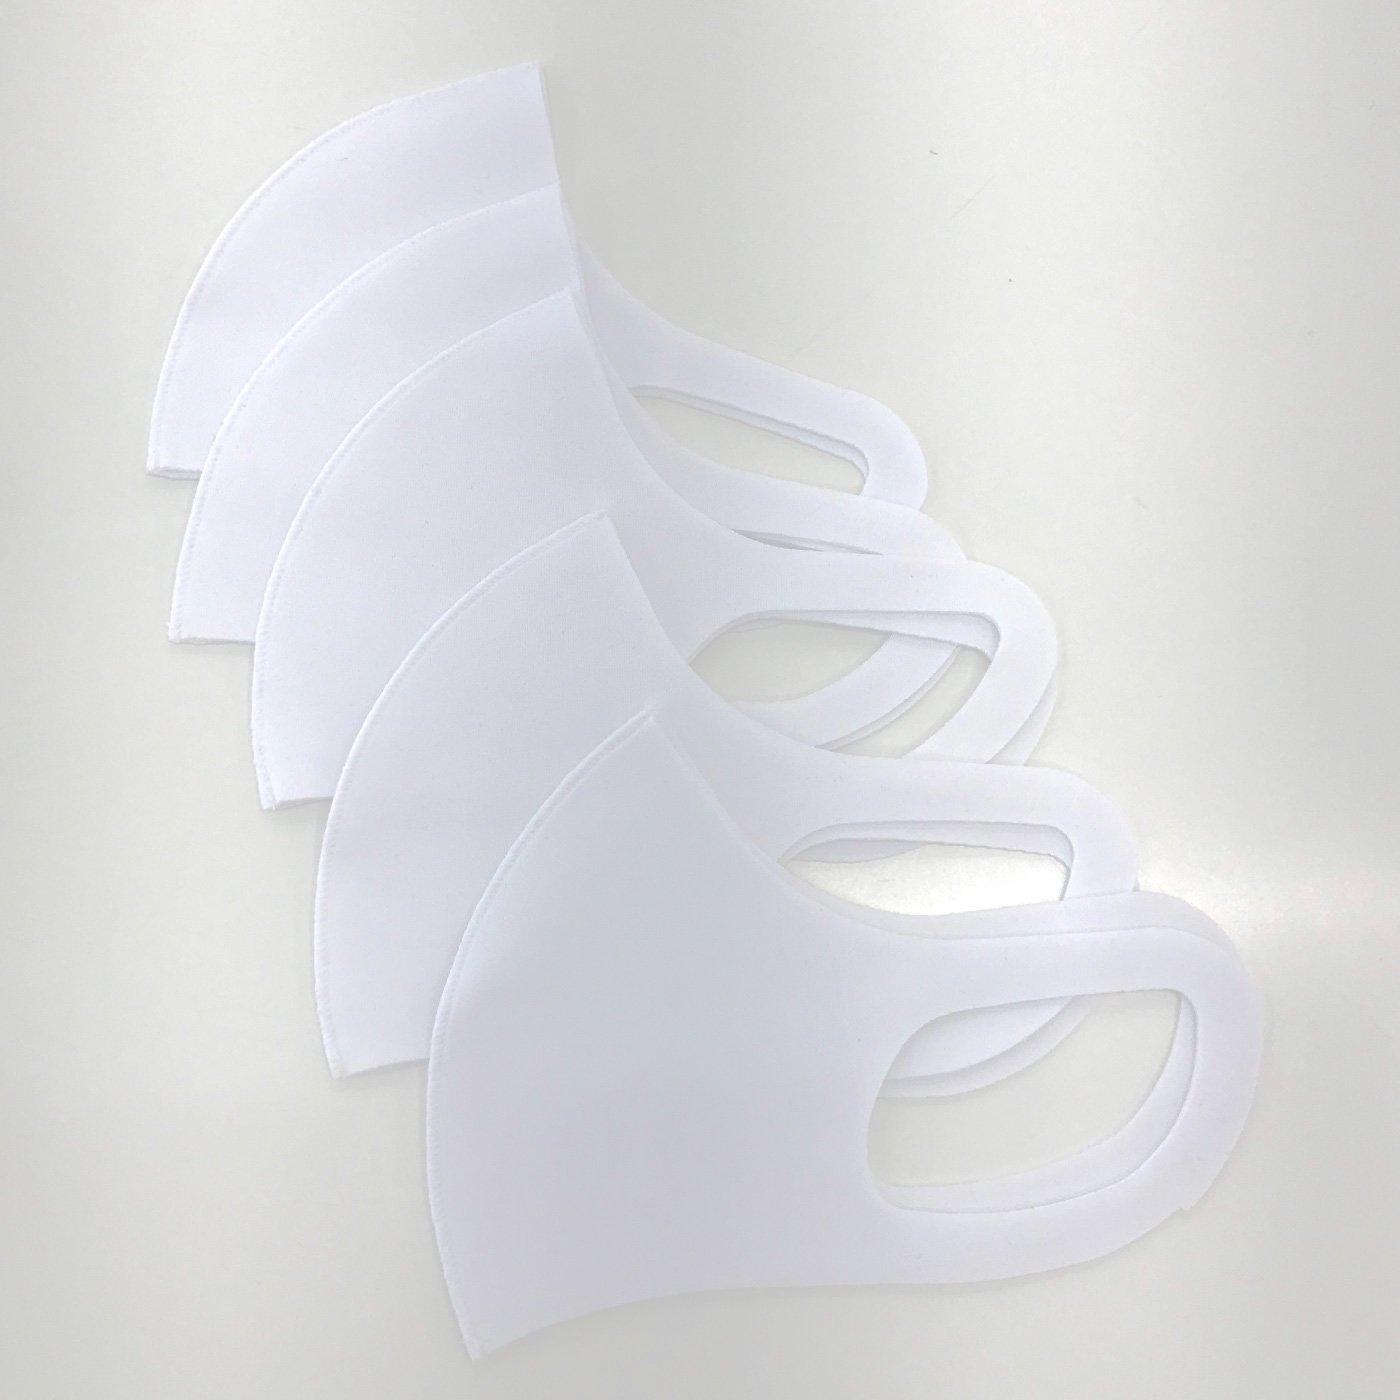 洗える!立体マスク(5枚入り)〈ホワイト〉